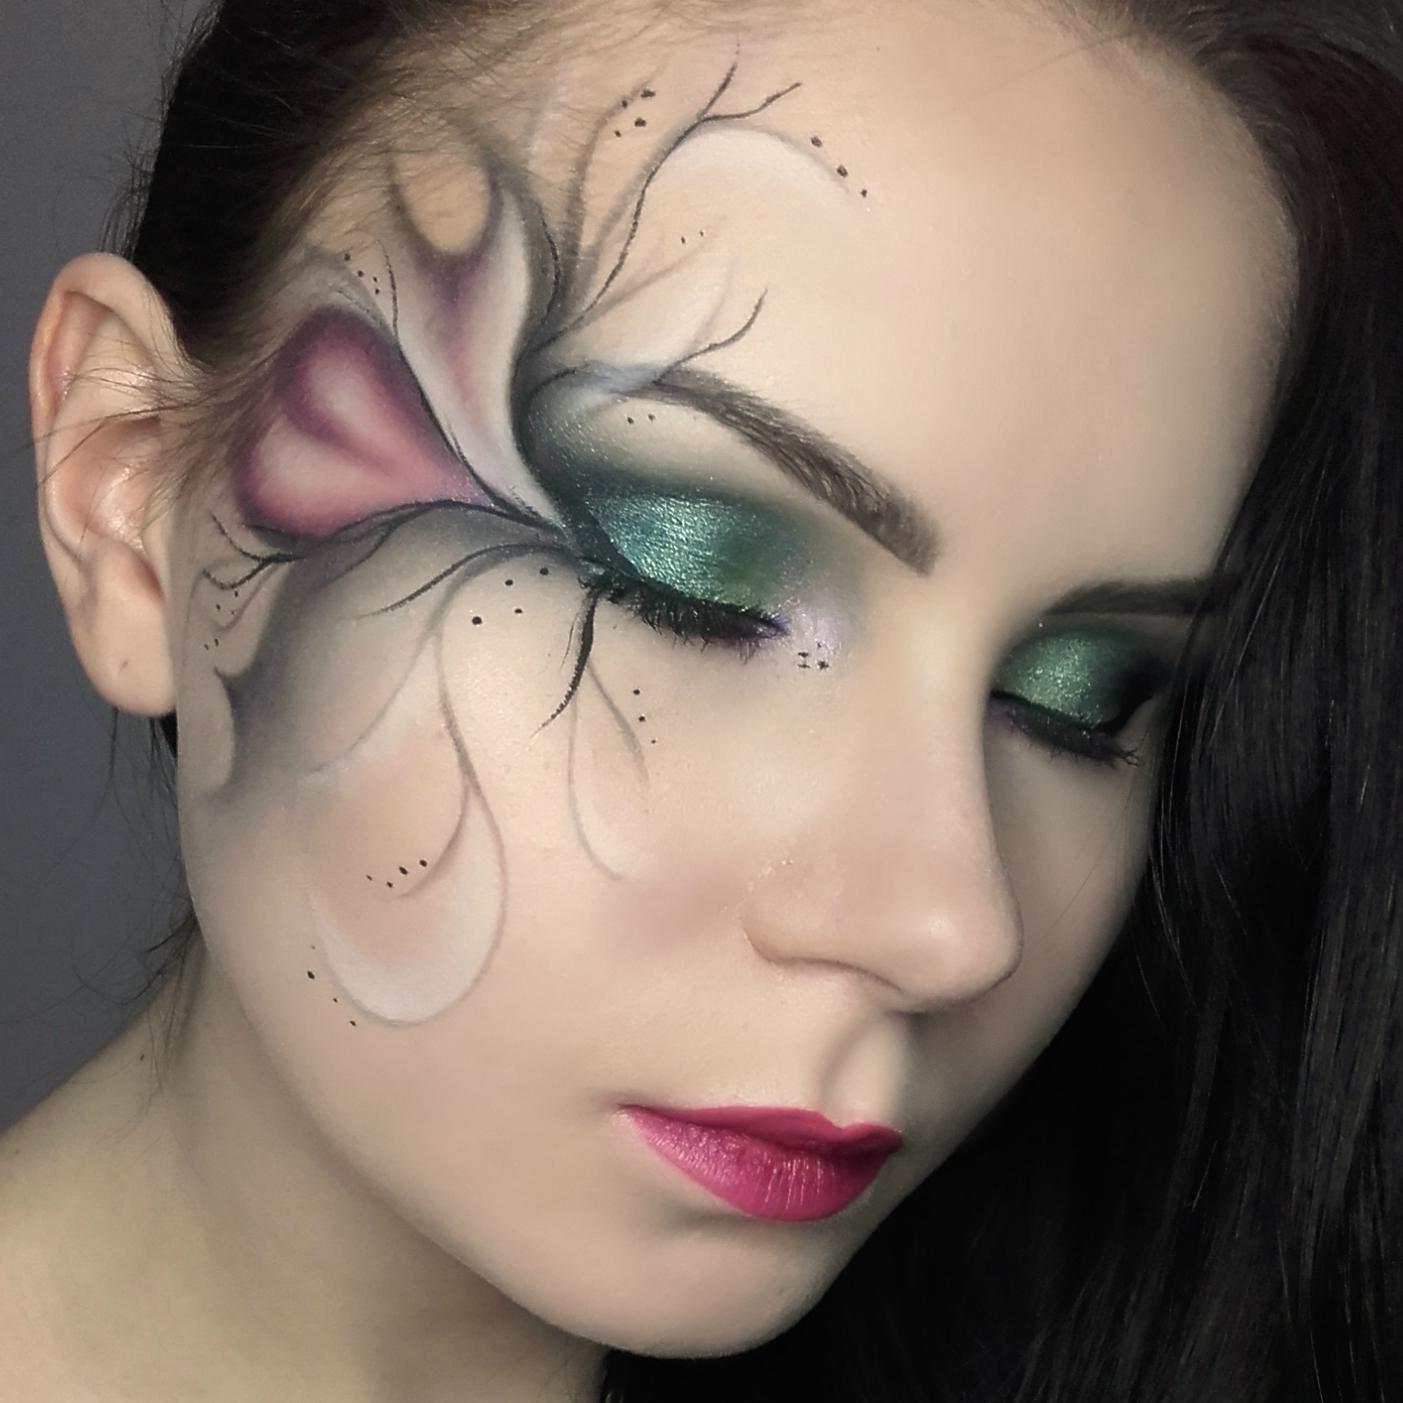 Makijaż Artystyczny W Stonowanych Kolorach Uroda Zblogowani